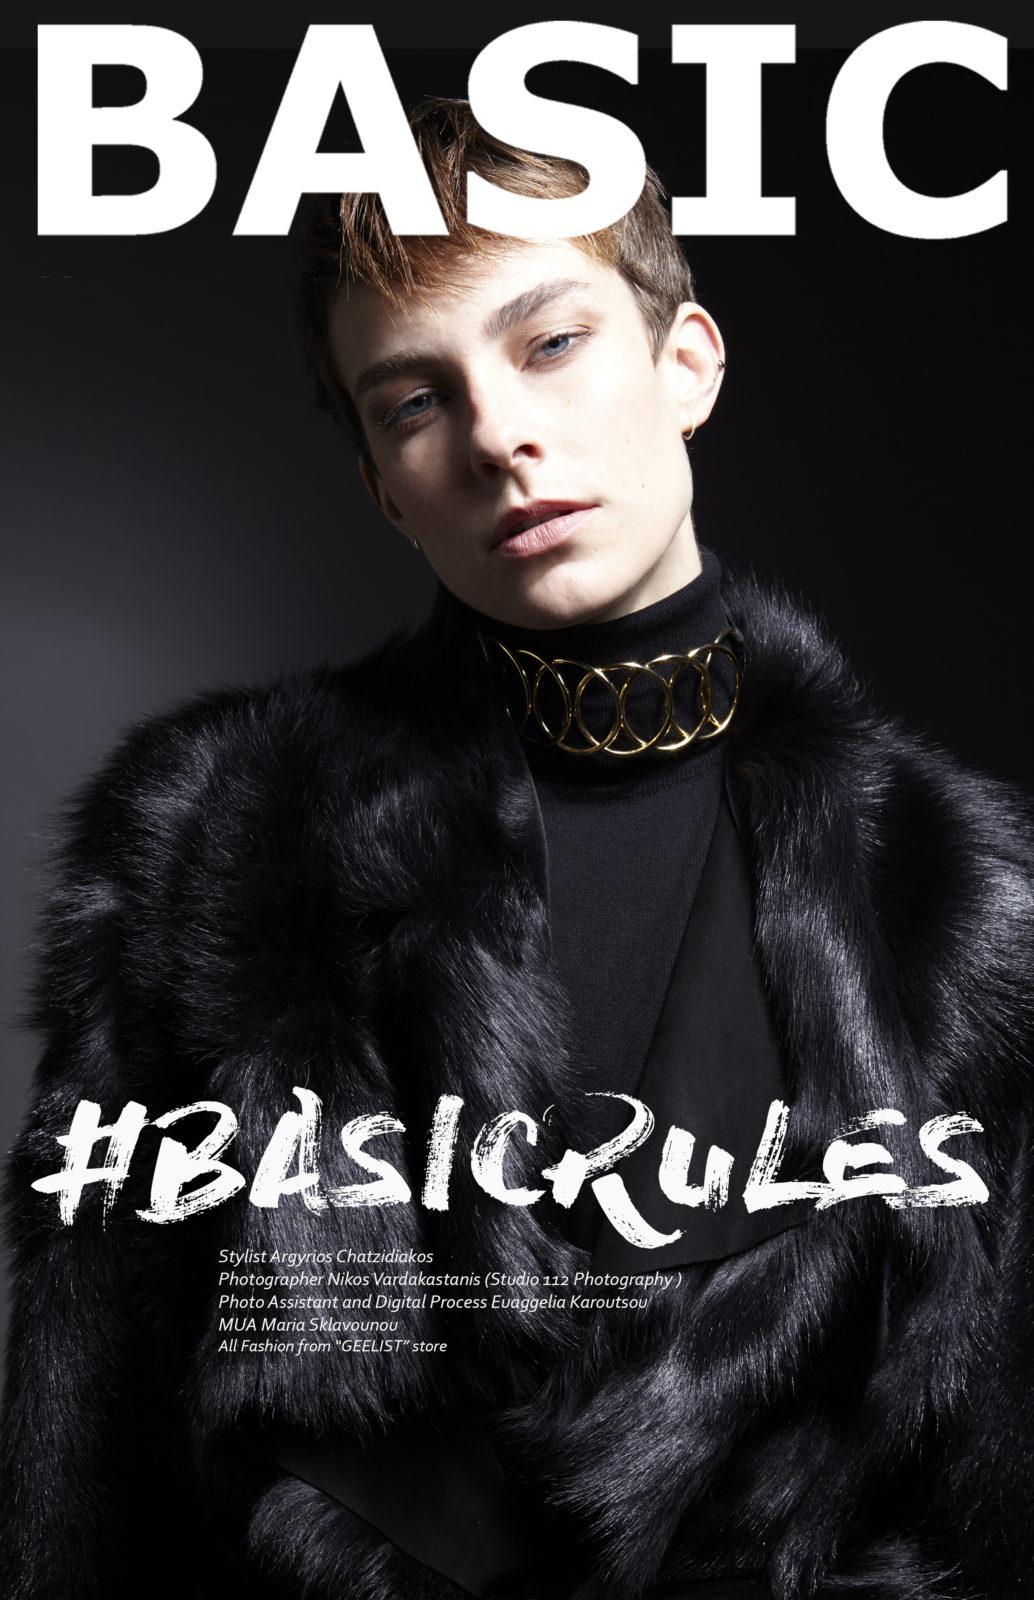 nikos-vardakastanis_basic-magazinefashion6